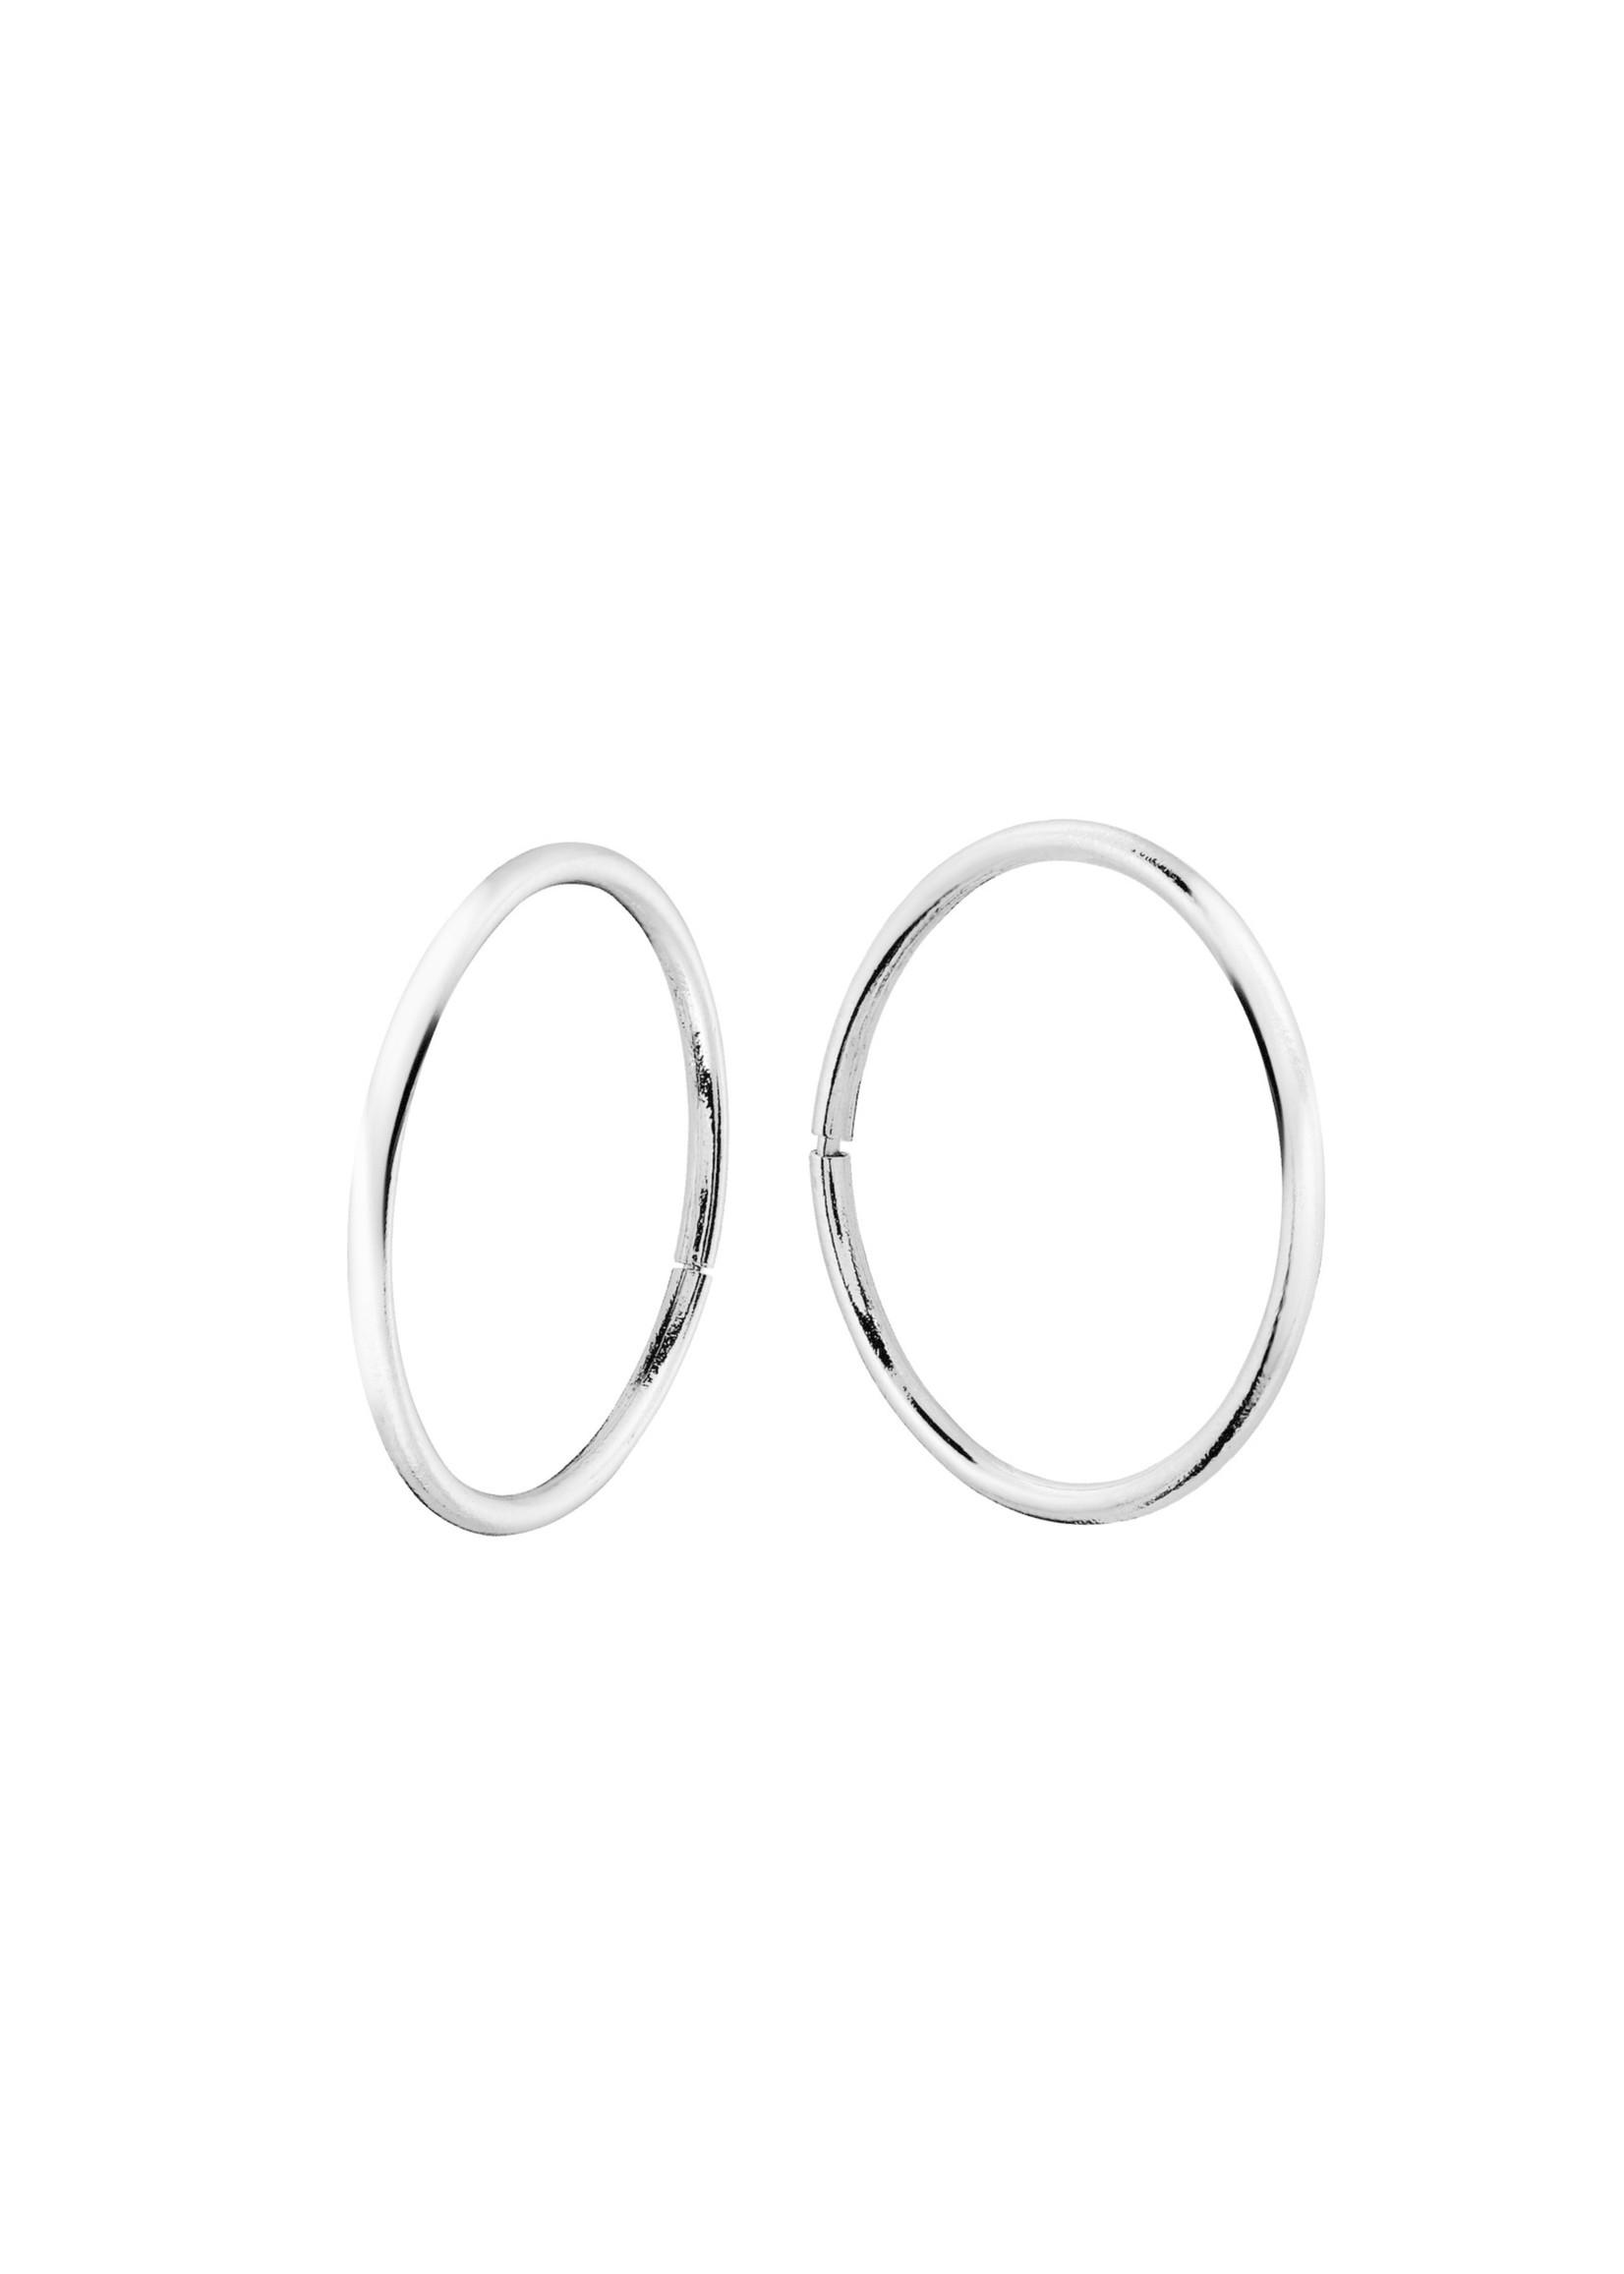 Boucles d'oreilles Dormeuses Anneaux Or blanc 10K